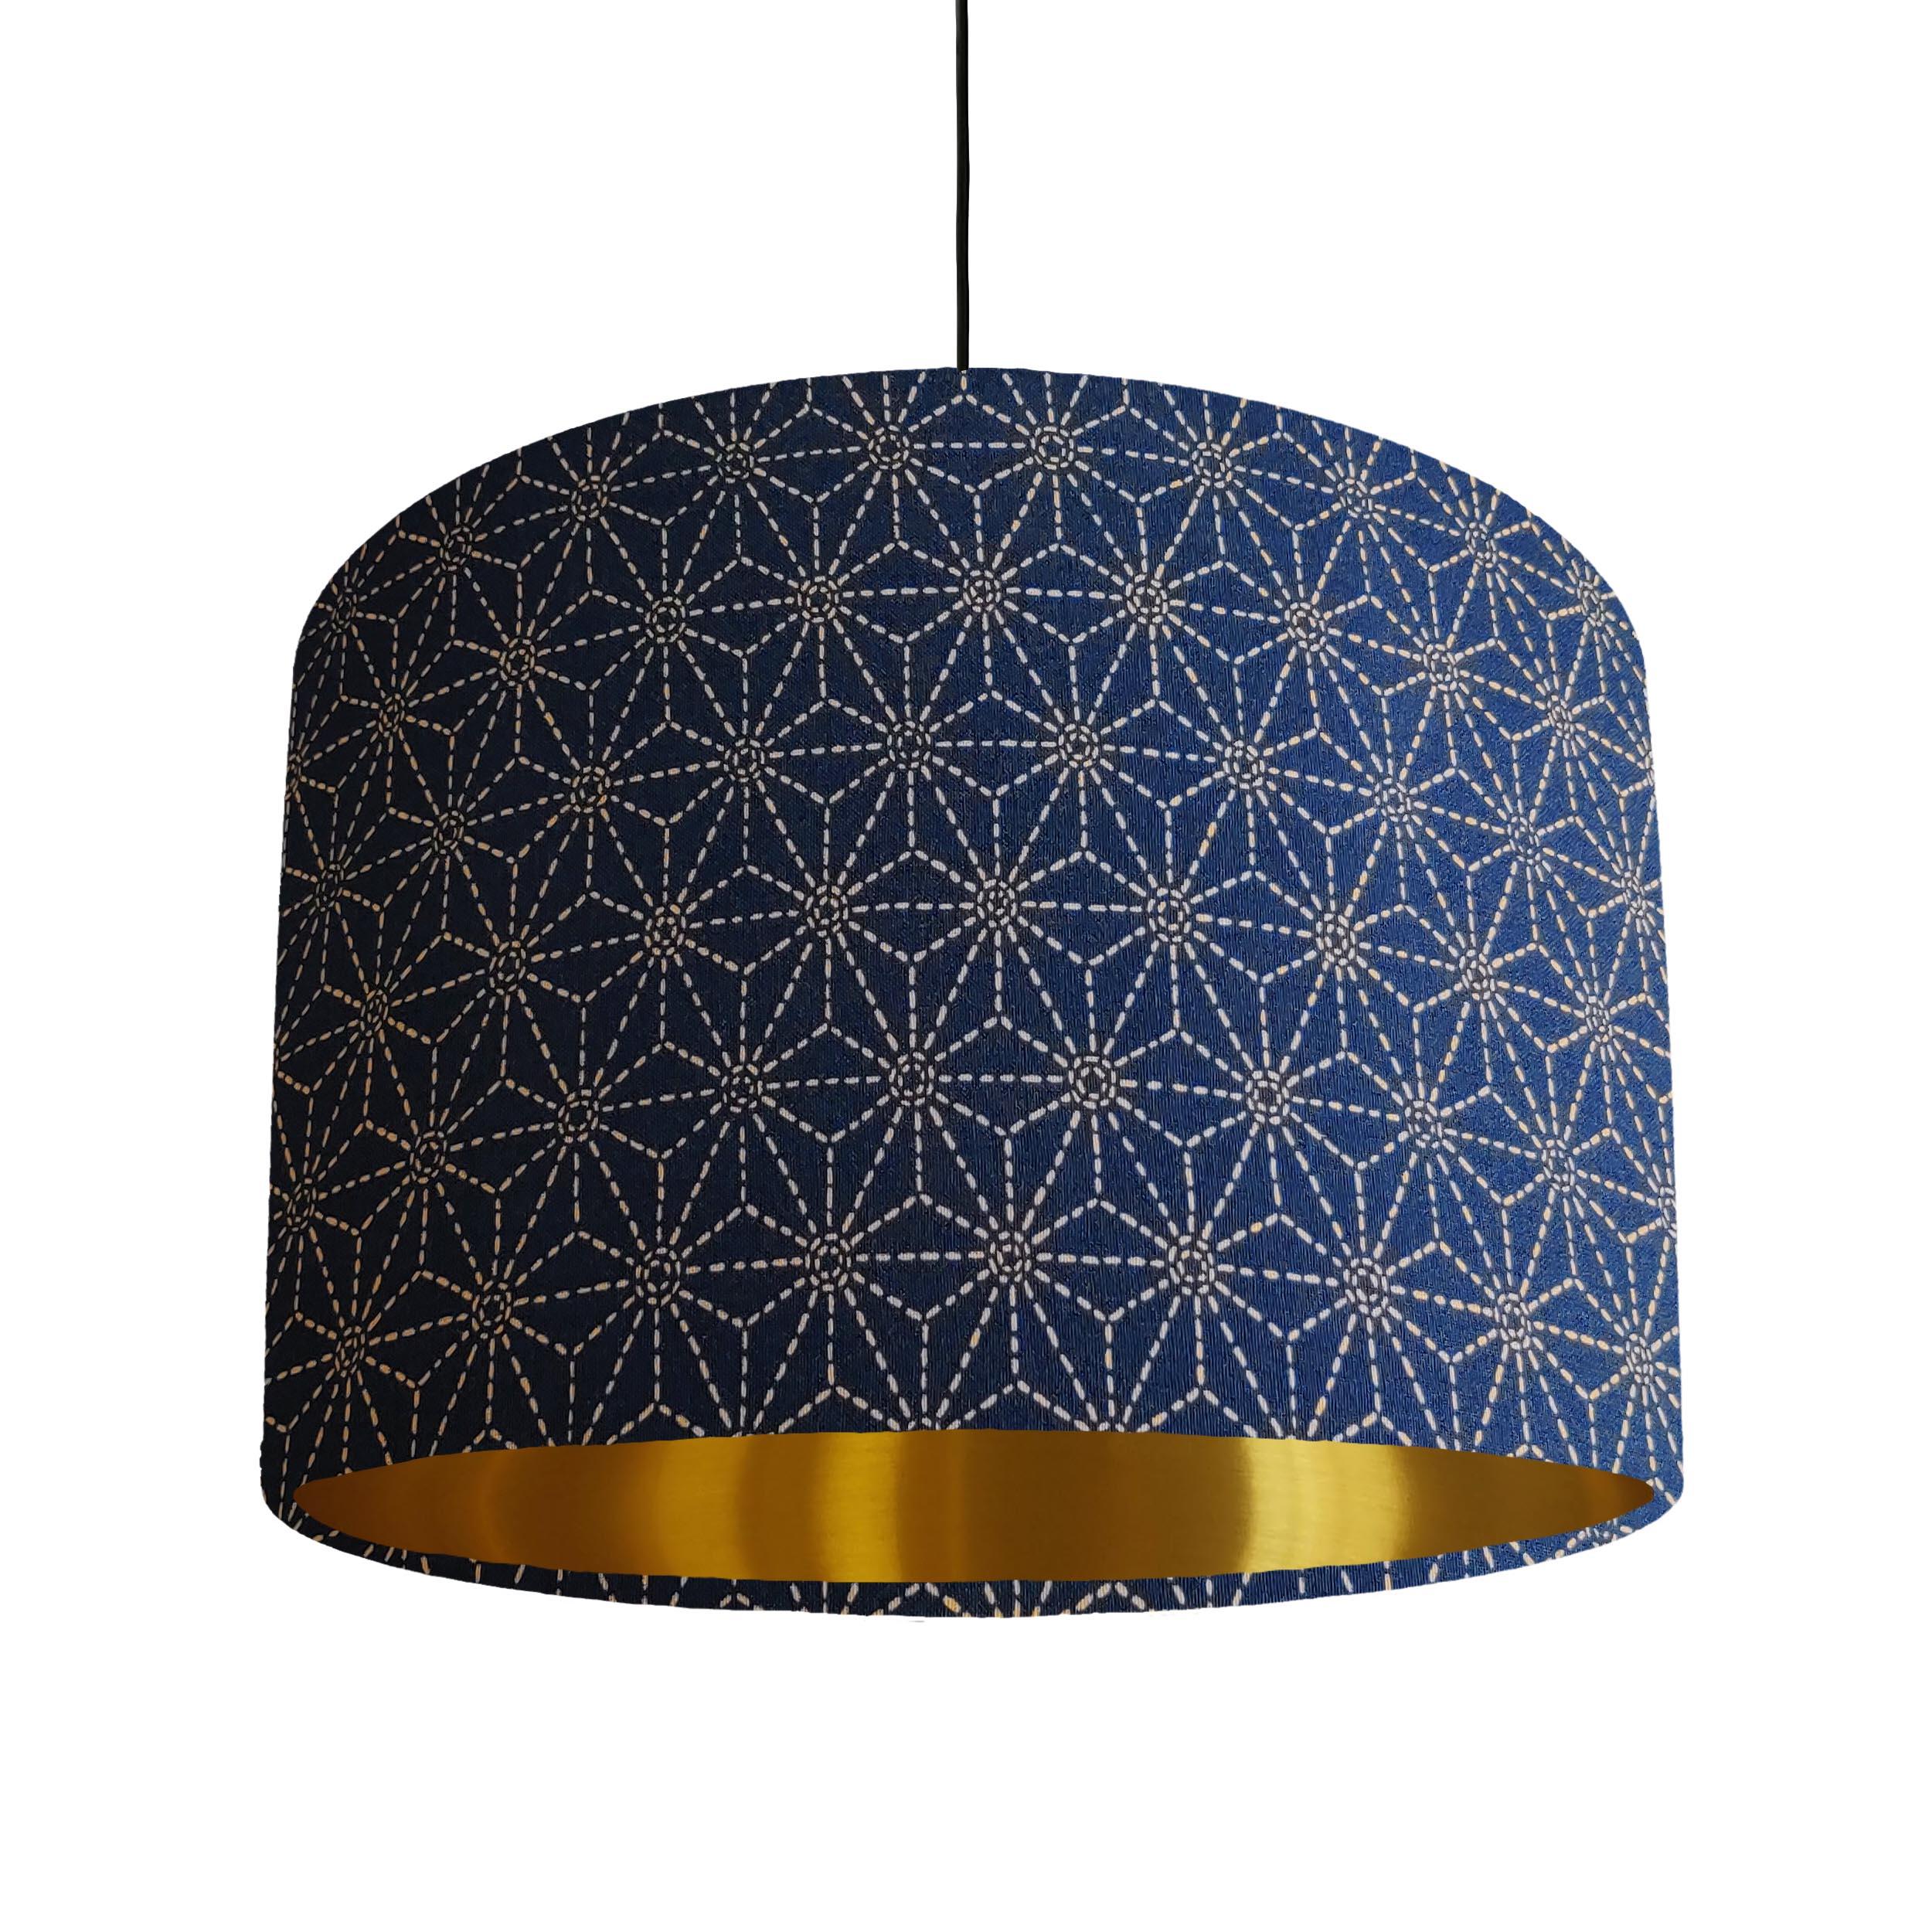 Indigo Kasuri Lampshade with a Brushed Gold Lining